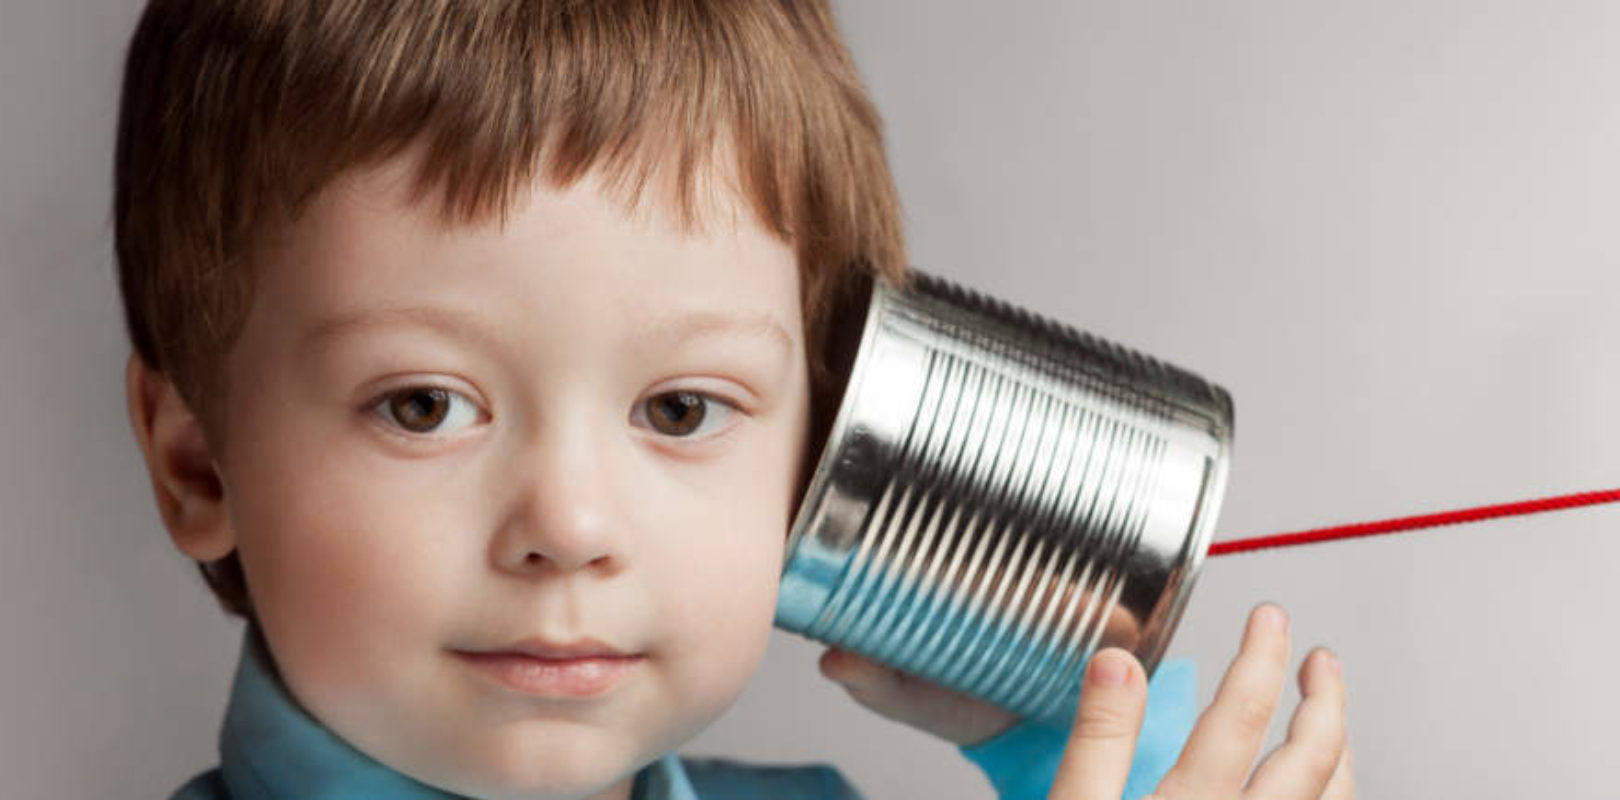 Sprachprobleme bei Kindern